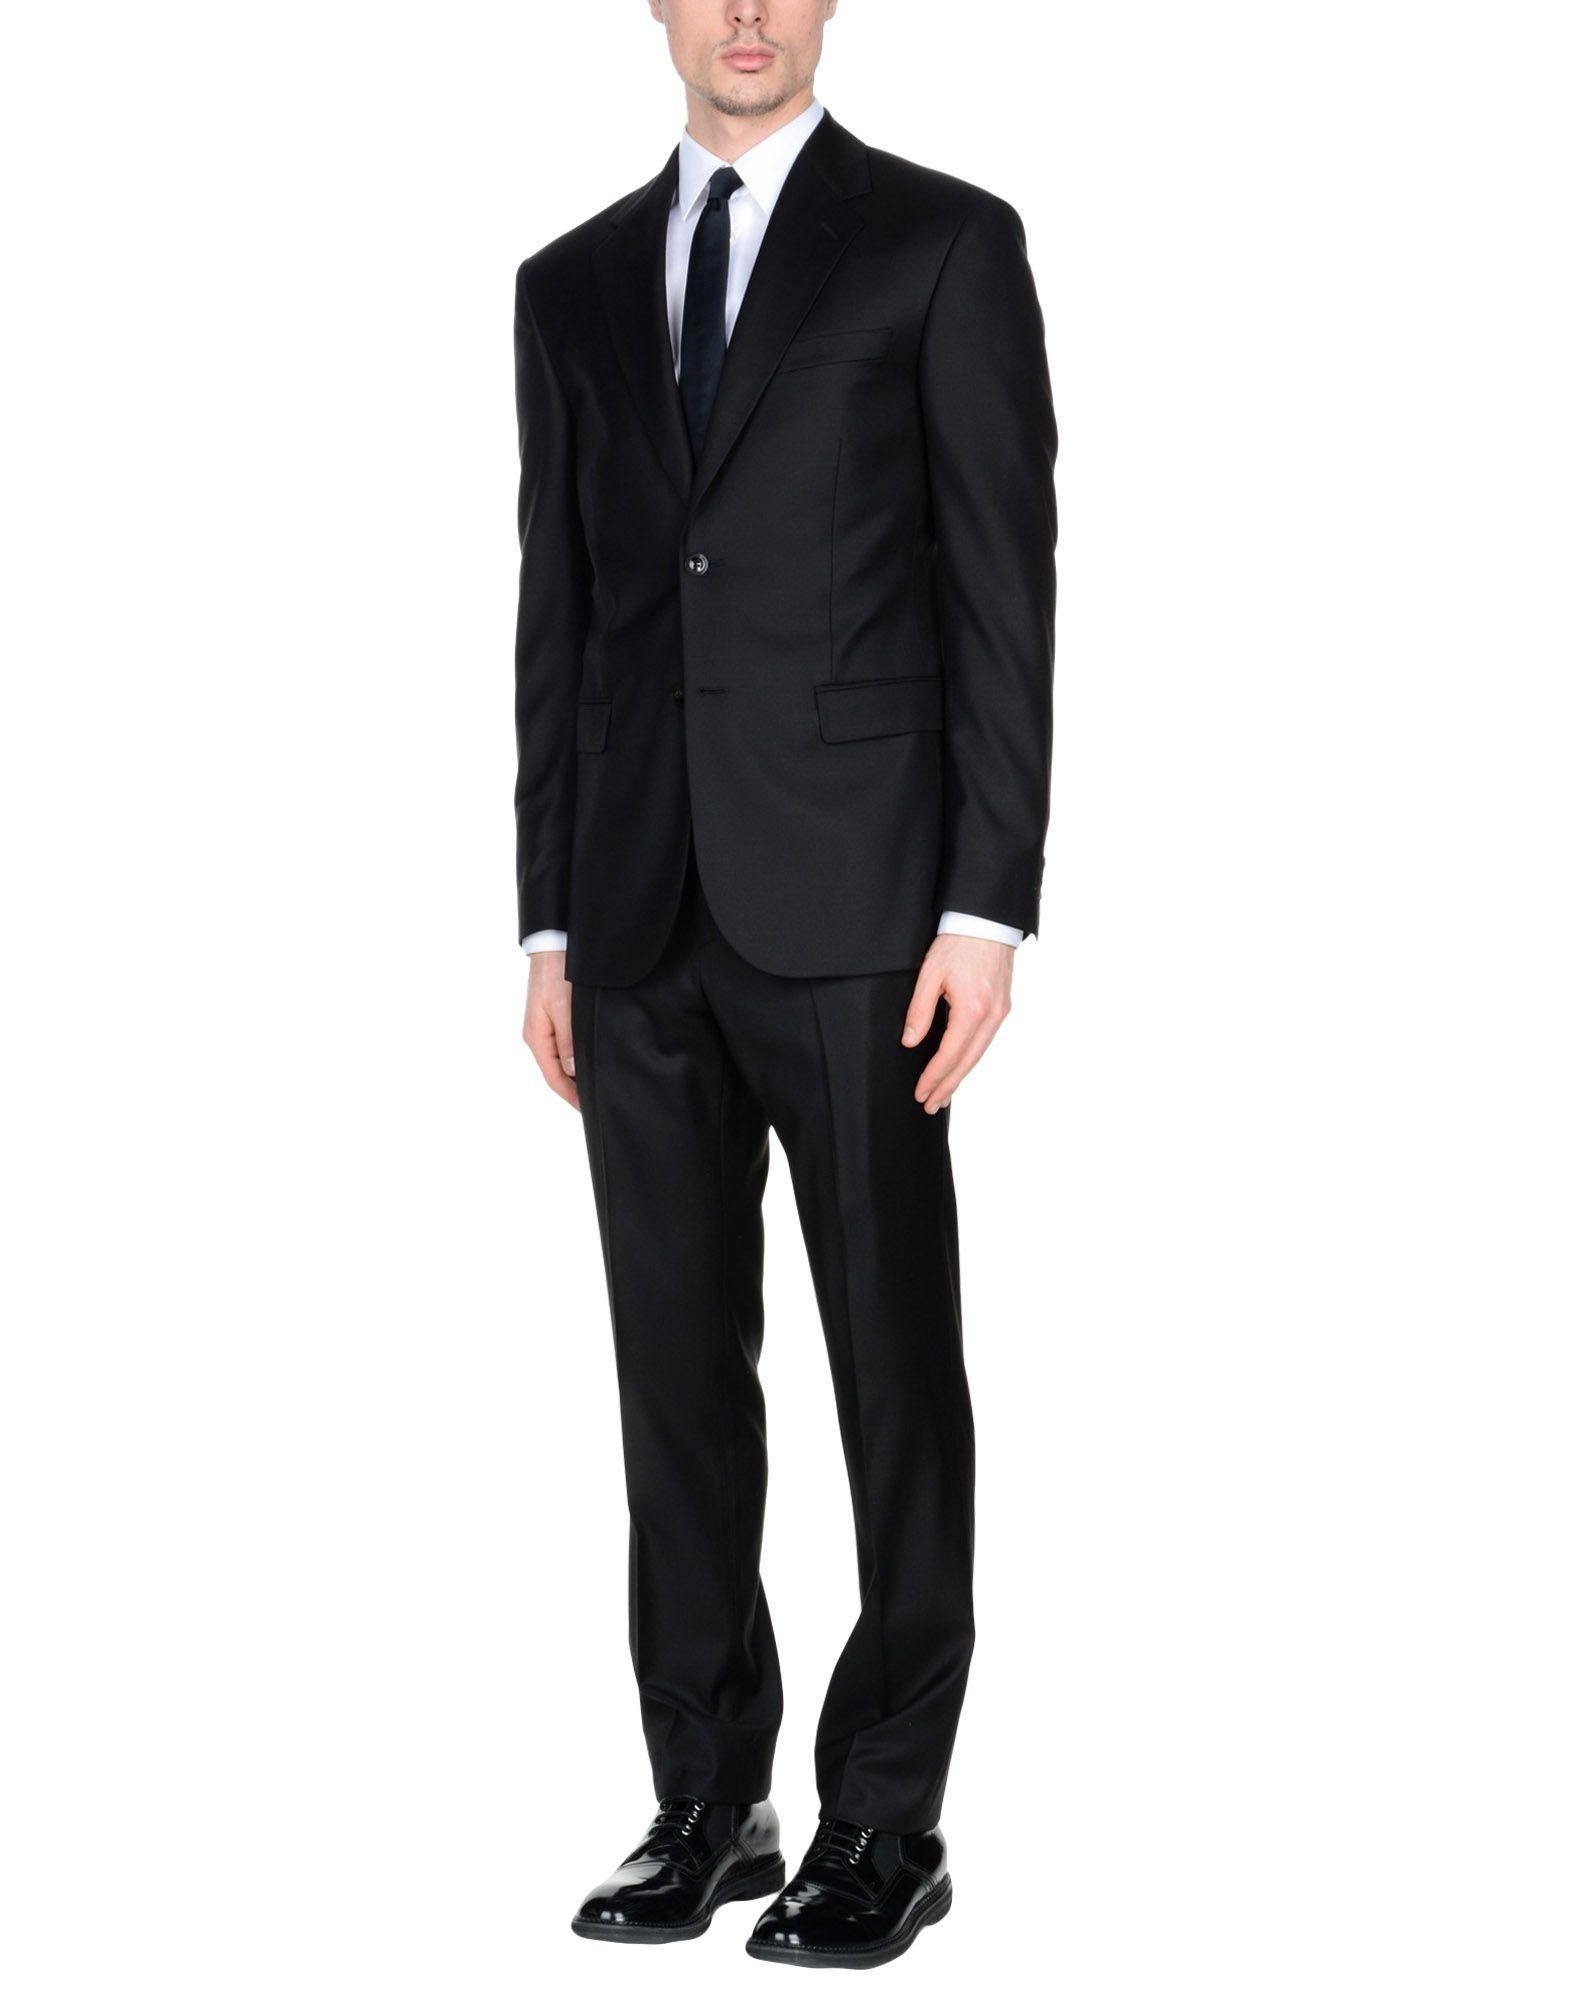 Uomo online Acquista su Abito Versace zOqwp